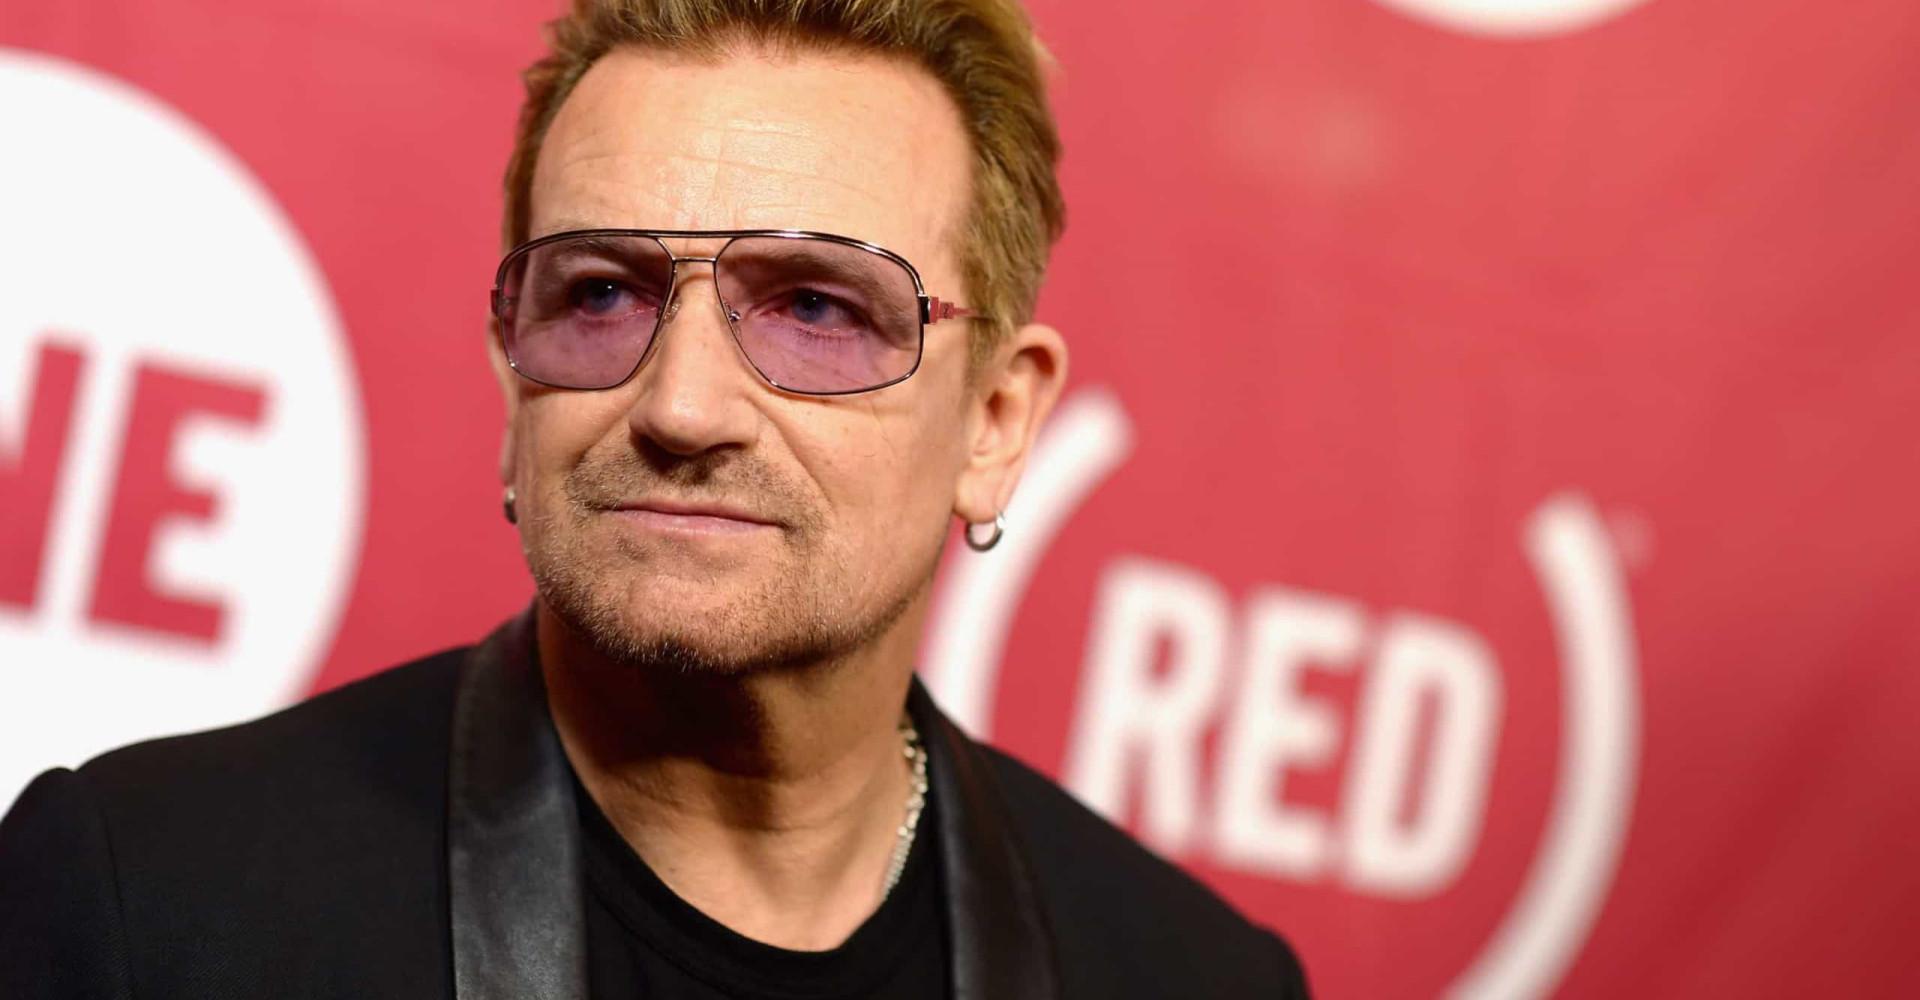 전설이라 불리는 밴드, U2의 스토리